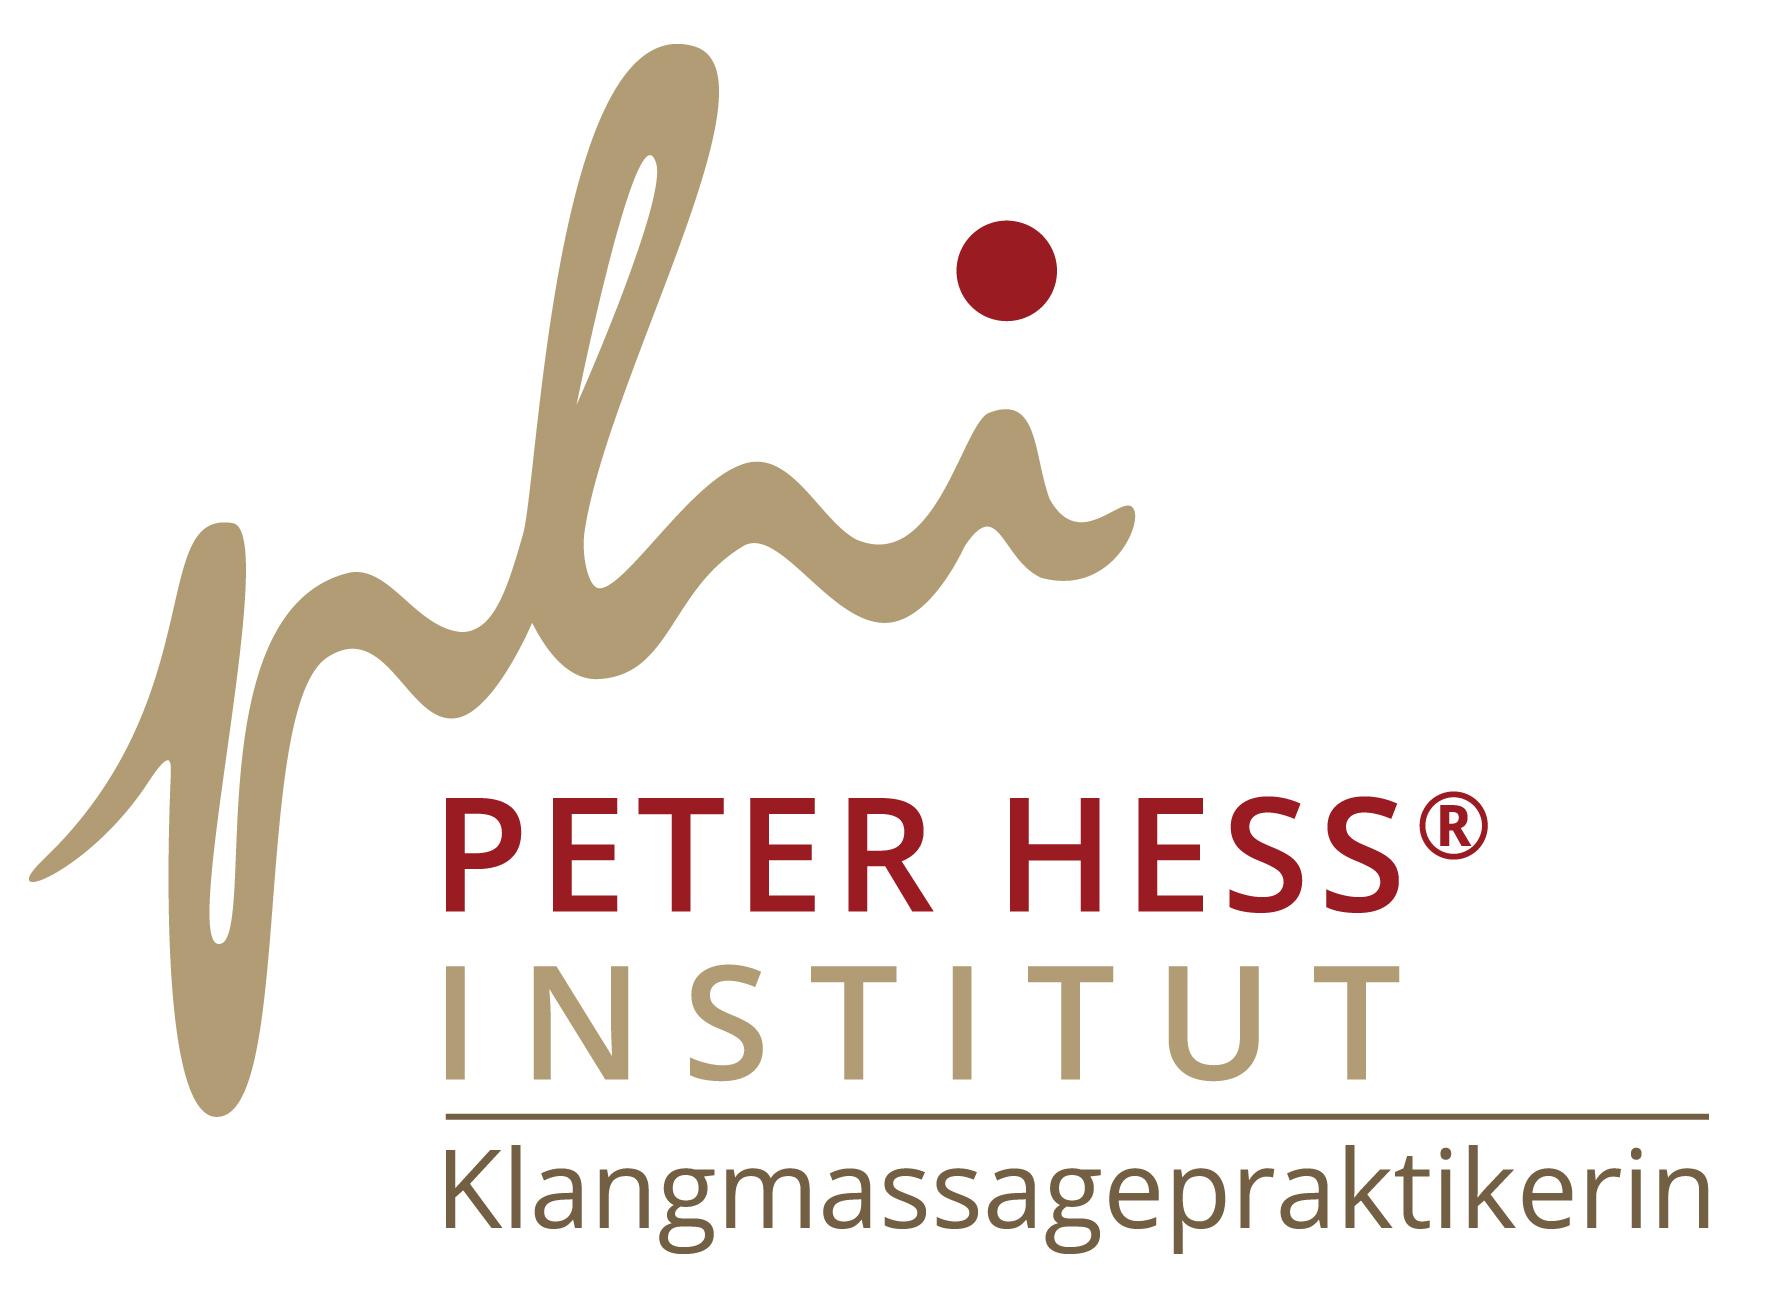 Logo_KM_Praktiker_w_WEB.jpg